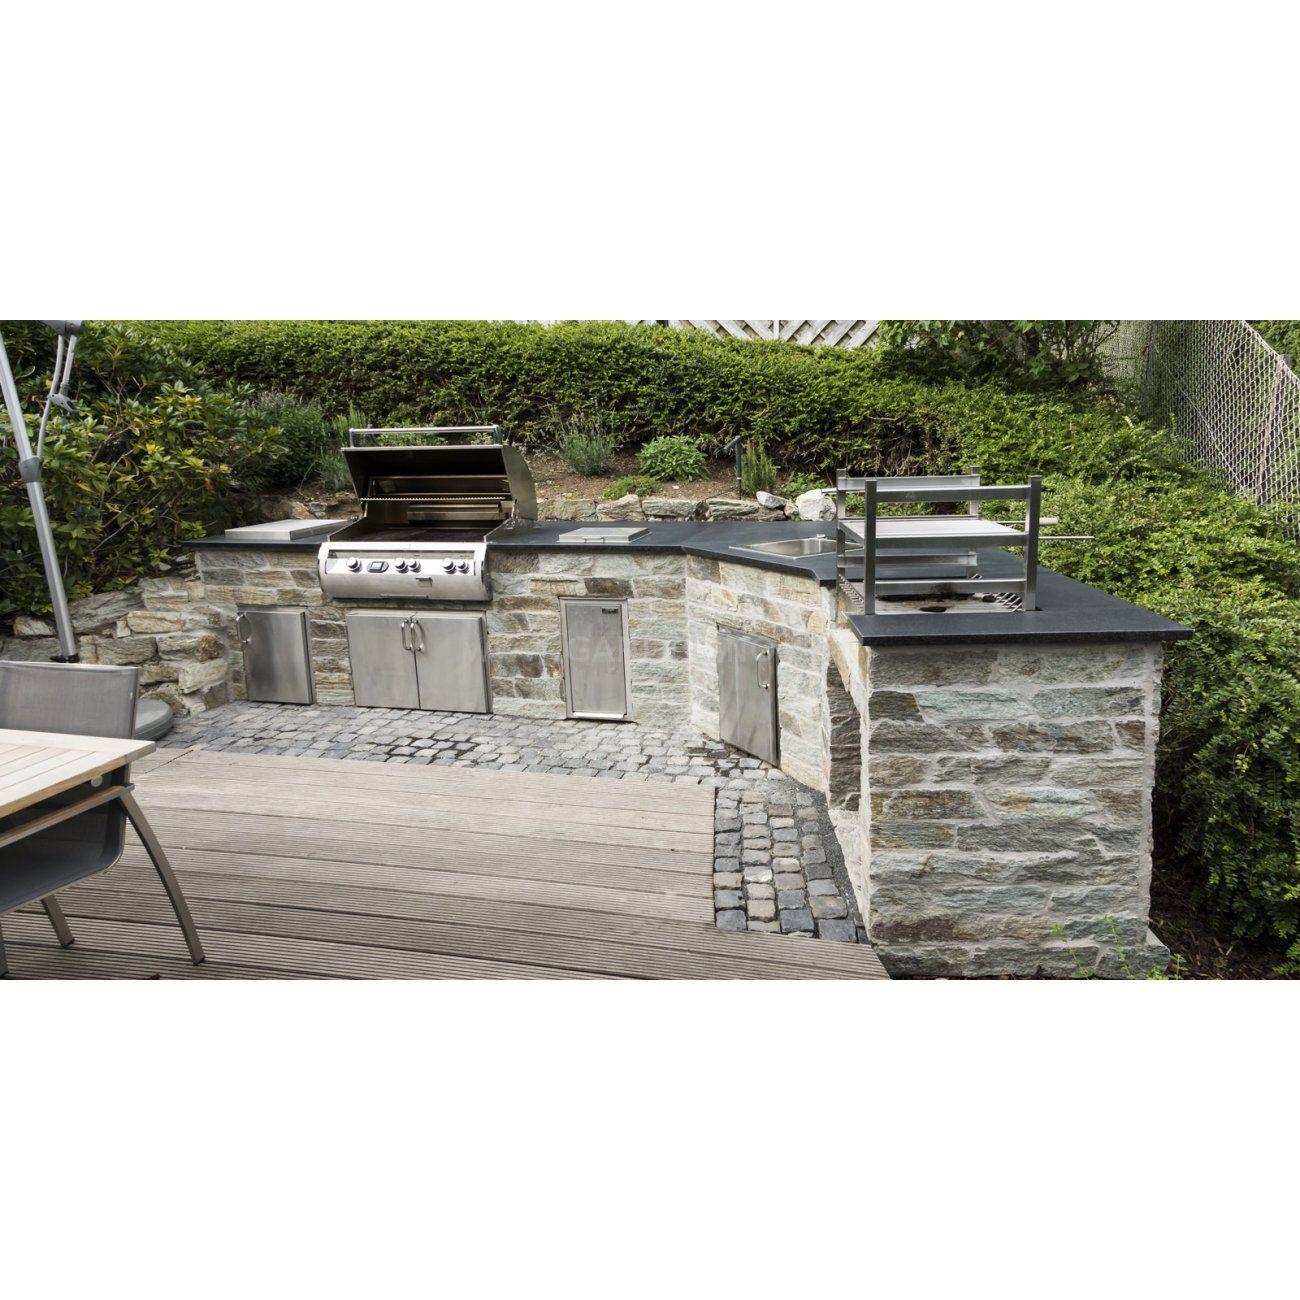 Aussenkuche Mit Fire Magic Echelon Grill Aus Naturstein Und Mit Arbeitsplatte Natural Stone Outdoor Kitchen With Fire Eingebauter Grill Outdoor Outdoor Kuche